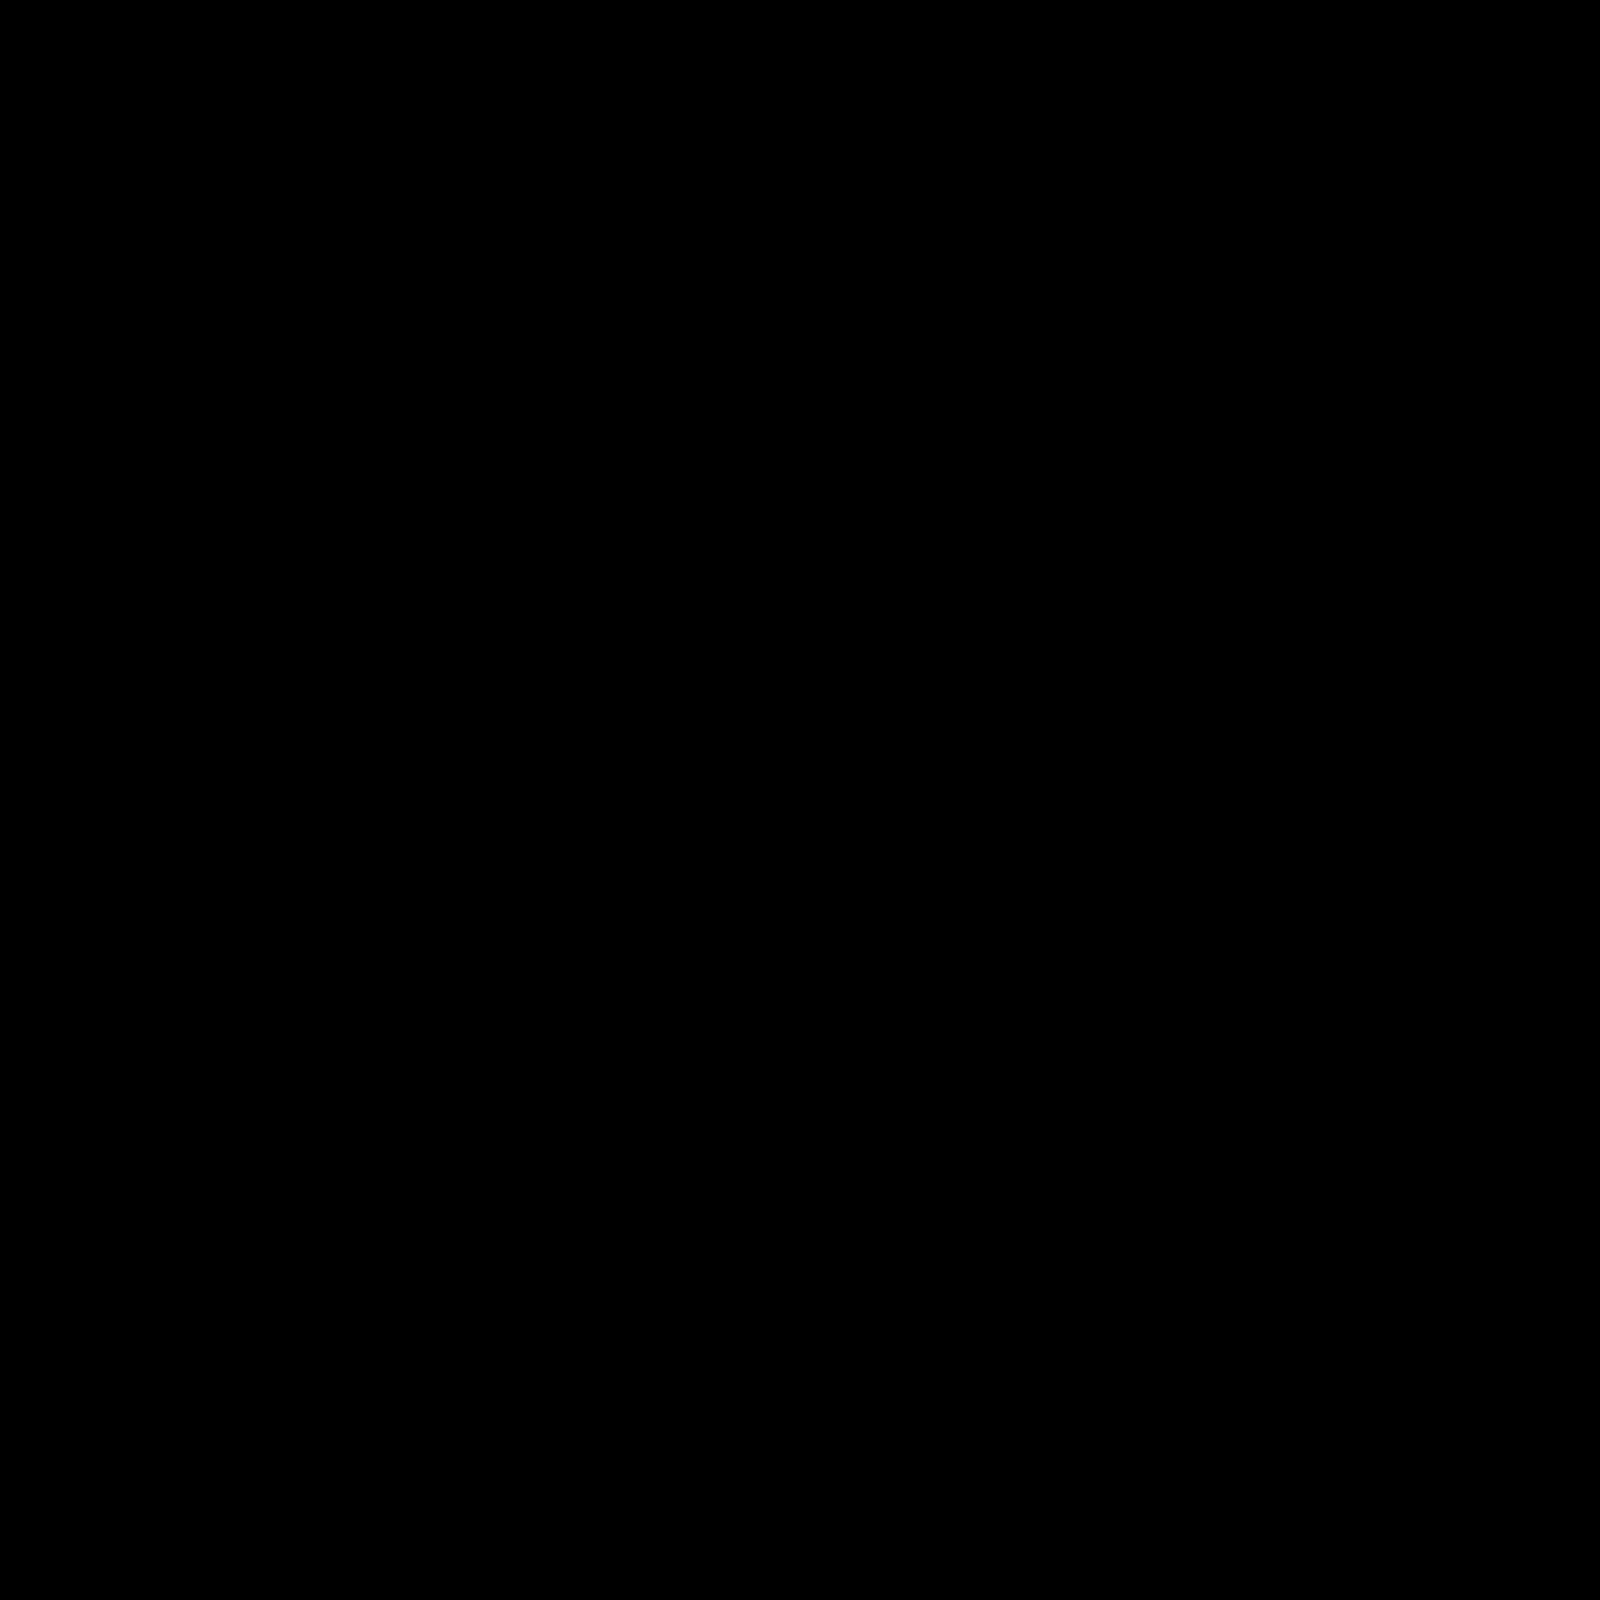 Praca zdalna icon